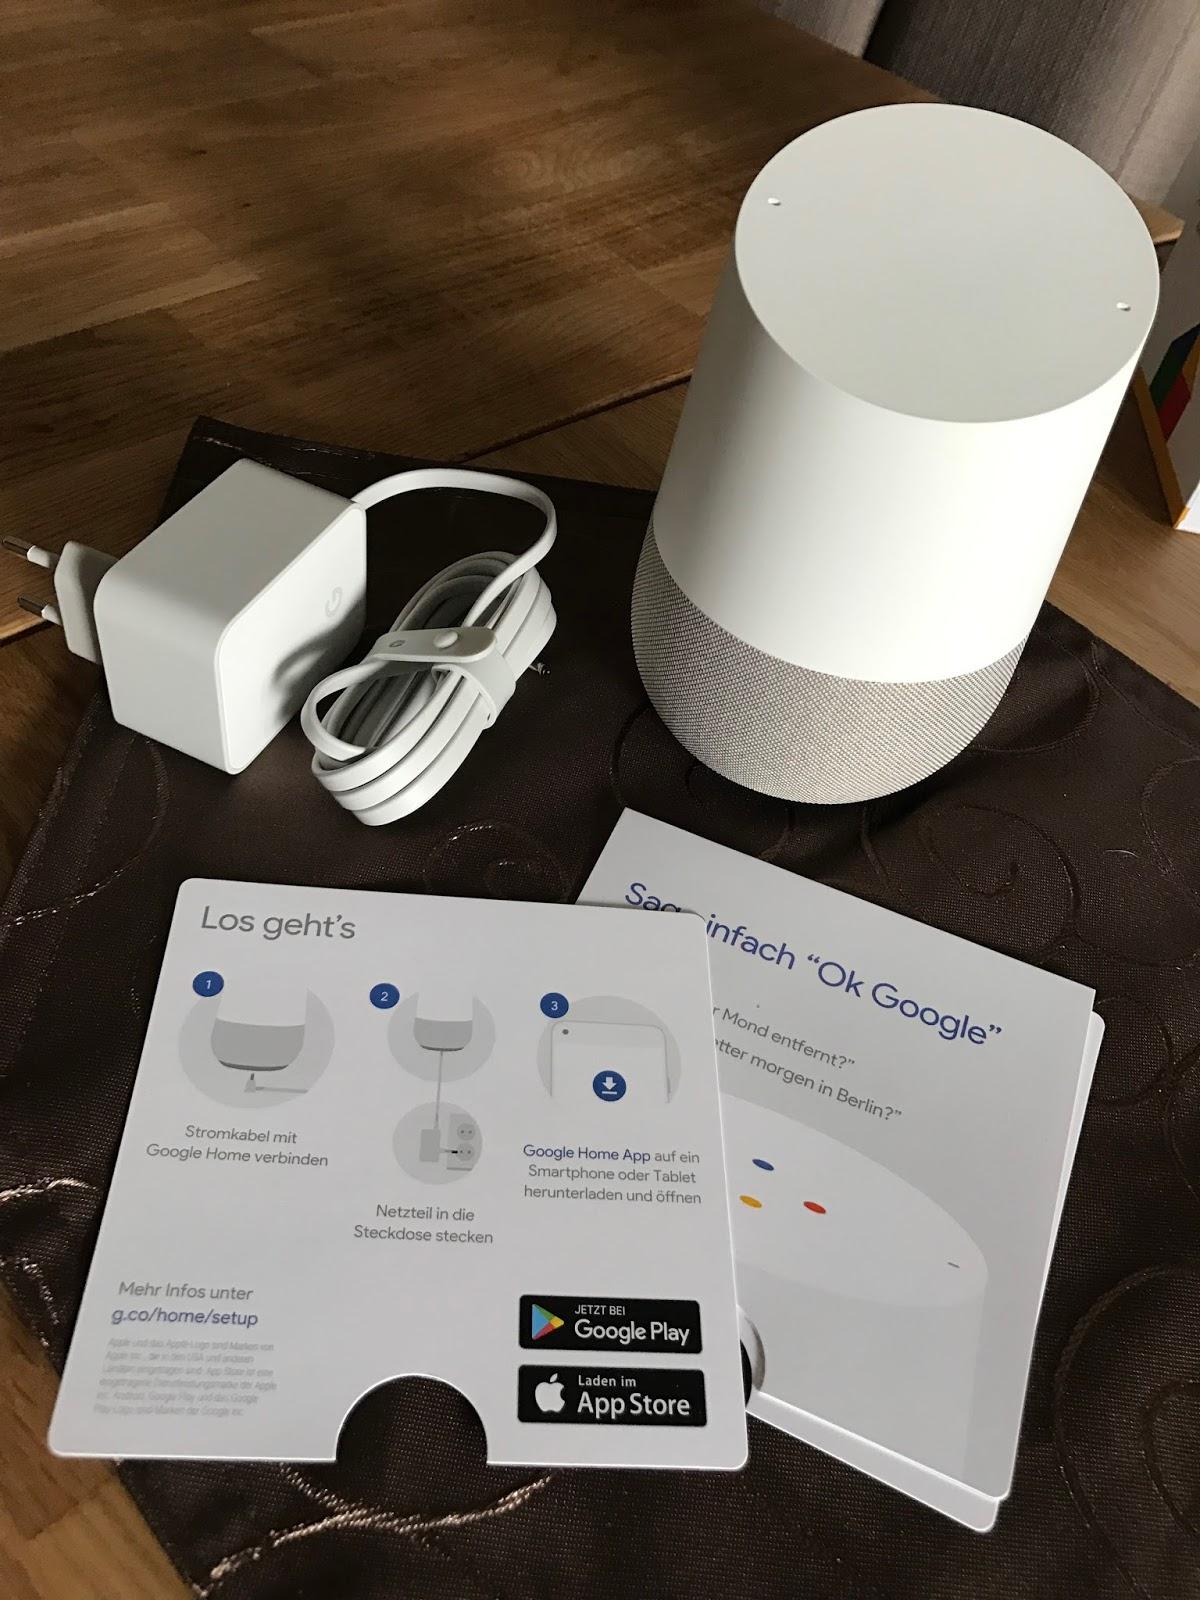 Bedient Werden Kann Die Google Home Box Via Sprache, Aber Einige  Kleinigkeiten, Können Auch Auf Der Touchoberfläche Auf Dem Gerät Selber  Bedient Werden: